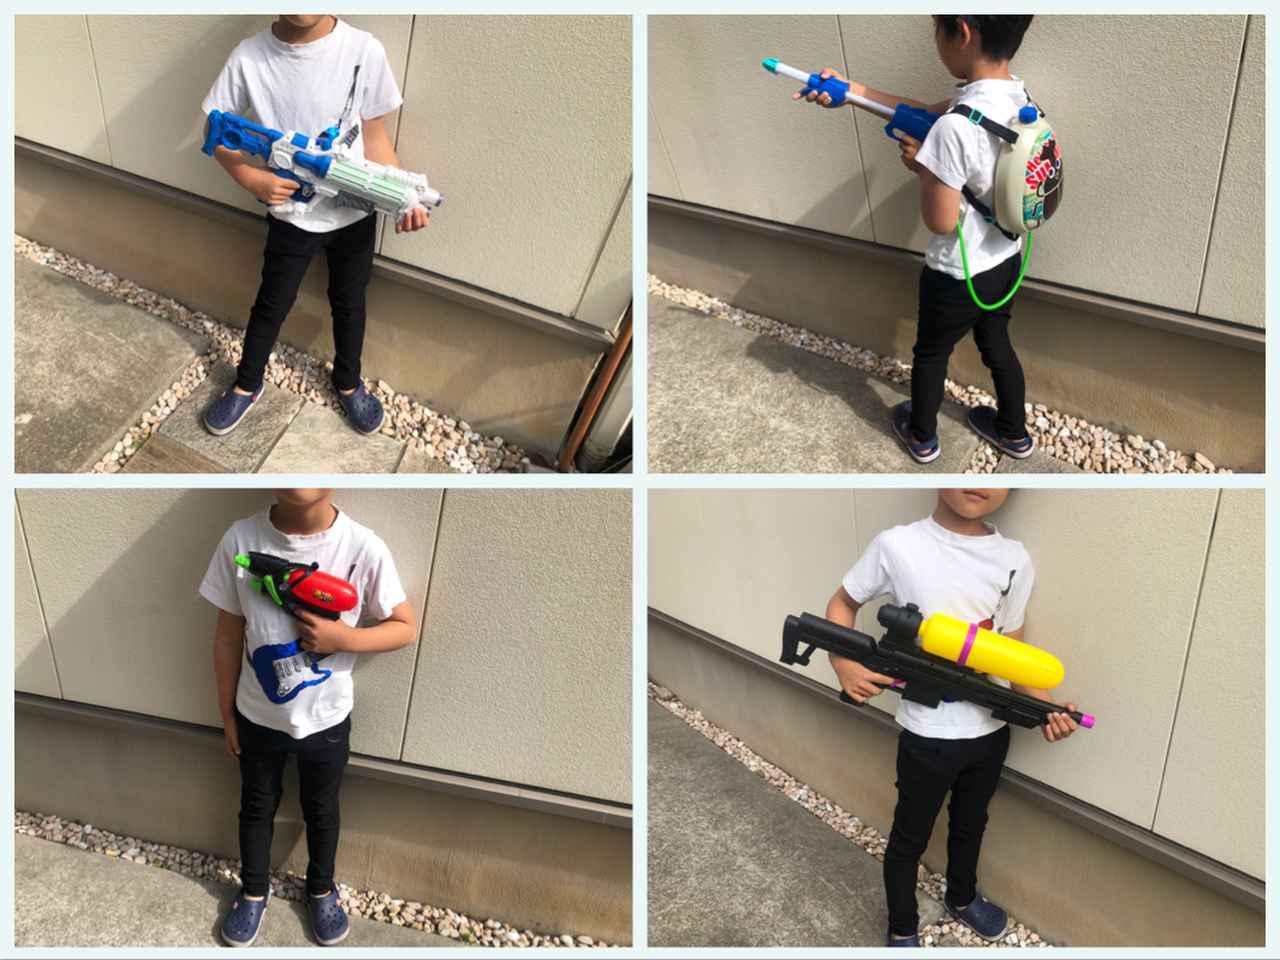 画像: 【ダイソー&セリアの水鉄砲10選】水遊びの季節がやってきた! 今シーズンのおすすめウォーターガンを紹介 - ハピキャン(HAPPY CAMPER)